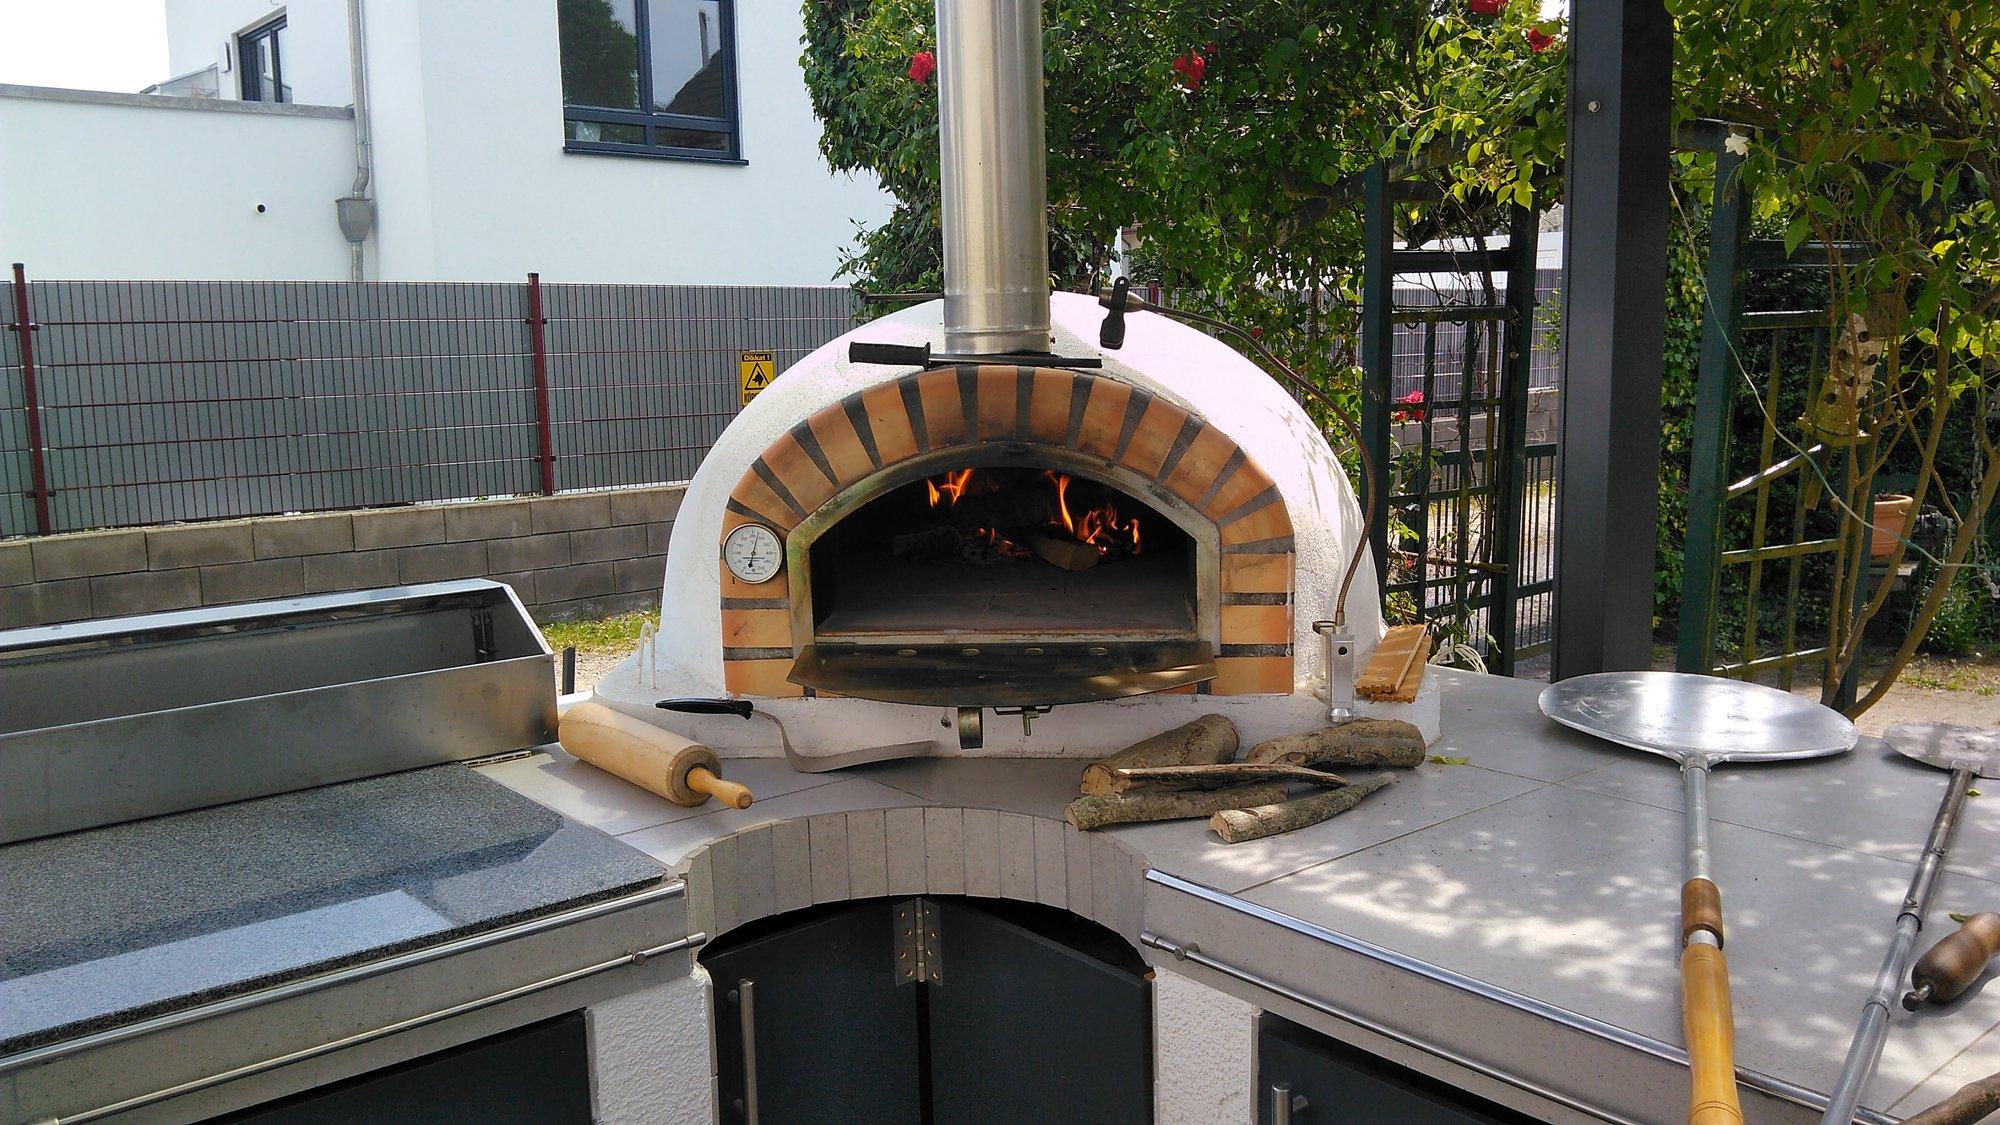 Outdoorküche Bausatz Forum : Beste galerie von outdoor pizzaofen dekorationen ideen